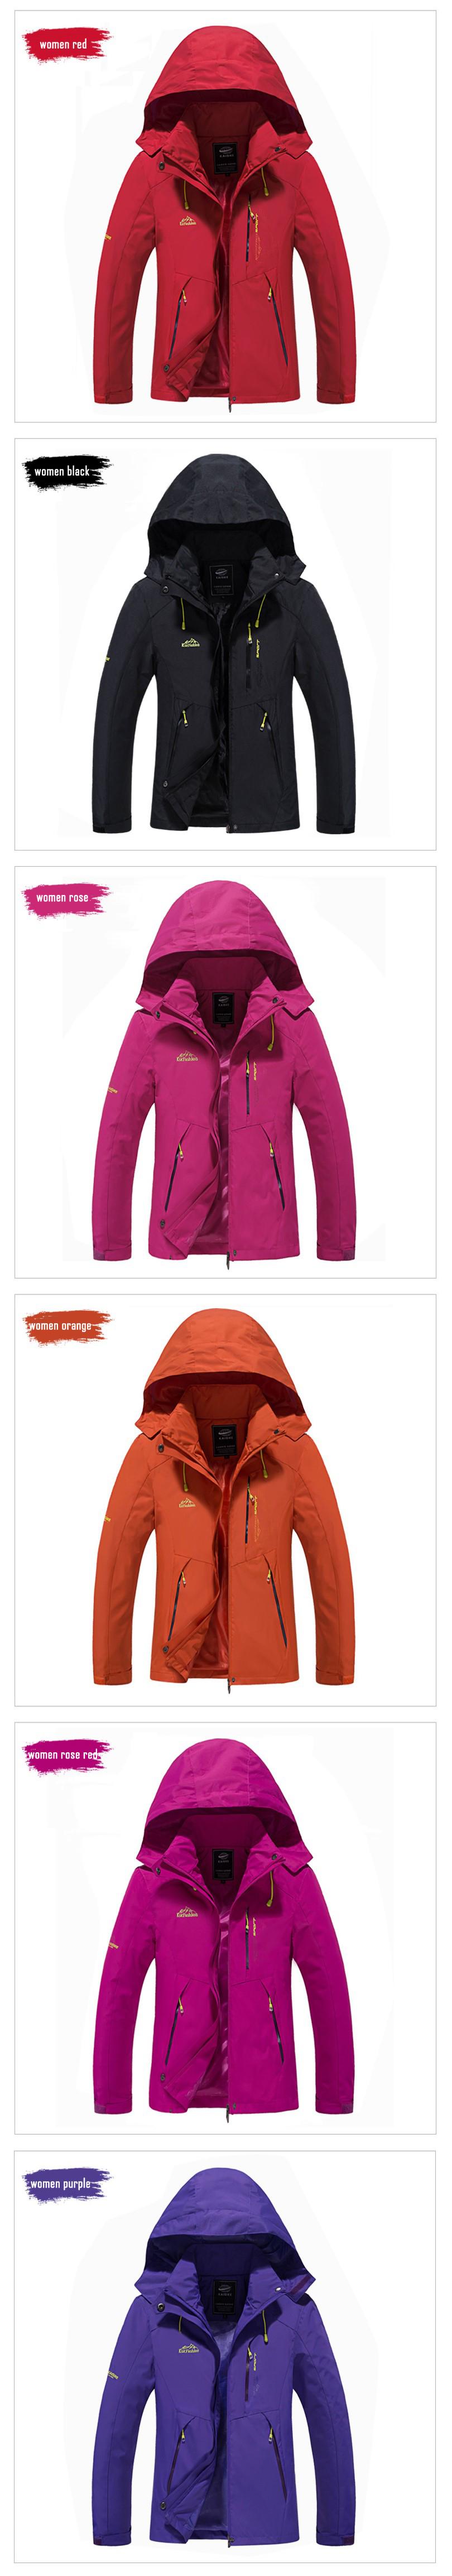 LX-16618         jaket men ourdoor jaket jaket women (4)